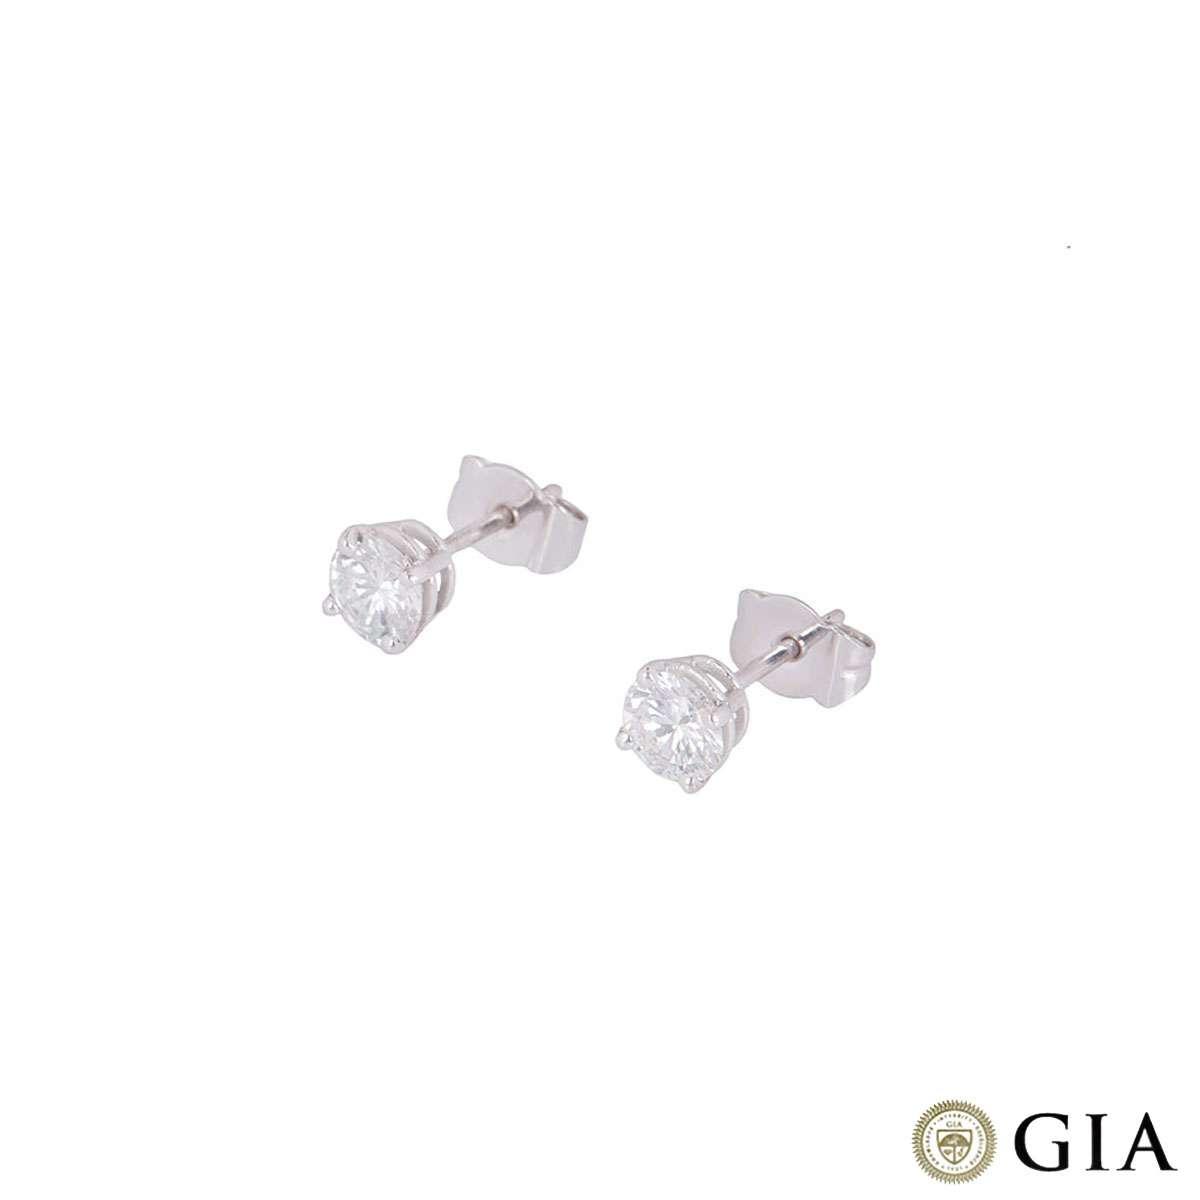 White Gold Diamond Stud Earrings 1.01ct TDW